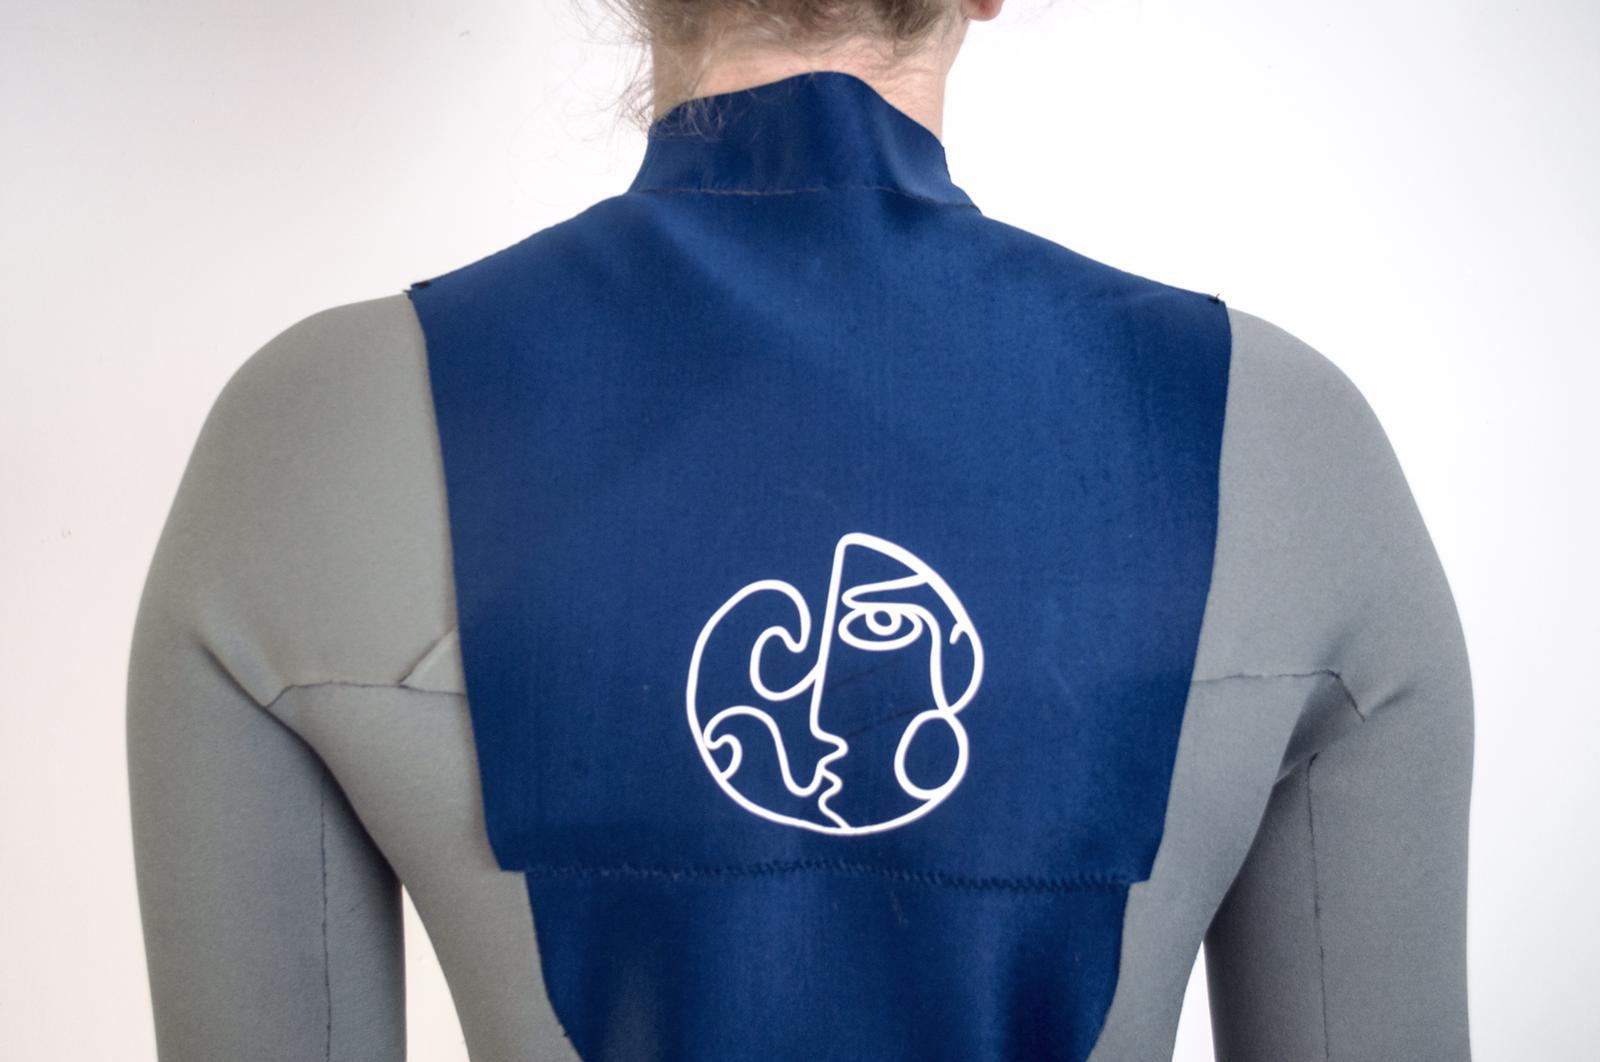 Logo on Wetsuit